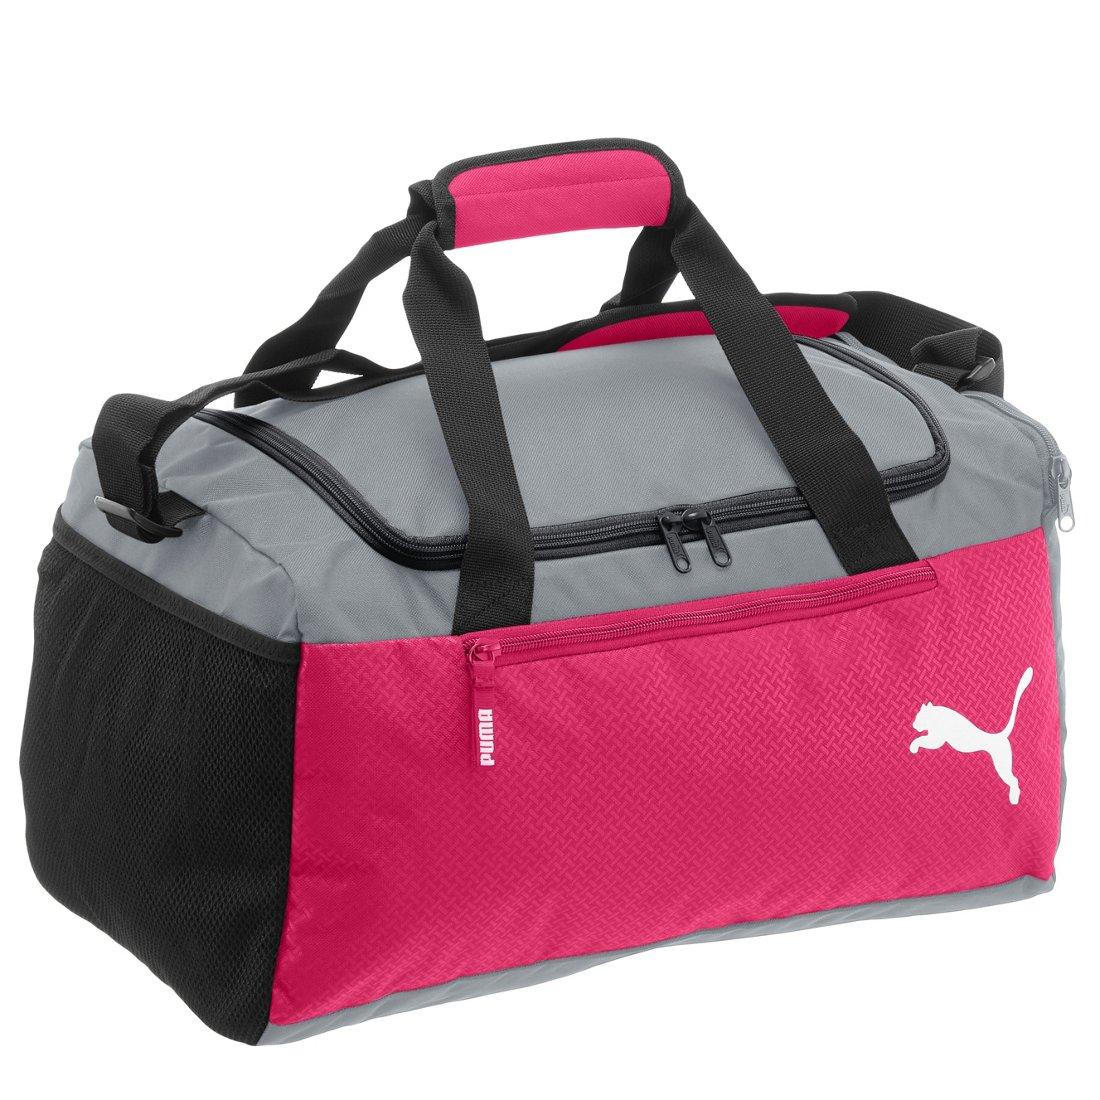 36a7d45fe1 Puma Fundamentals Sports Bag S Sporttasche 45 cm - koffer-direkt.de